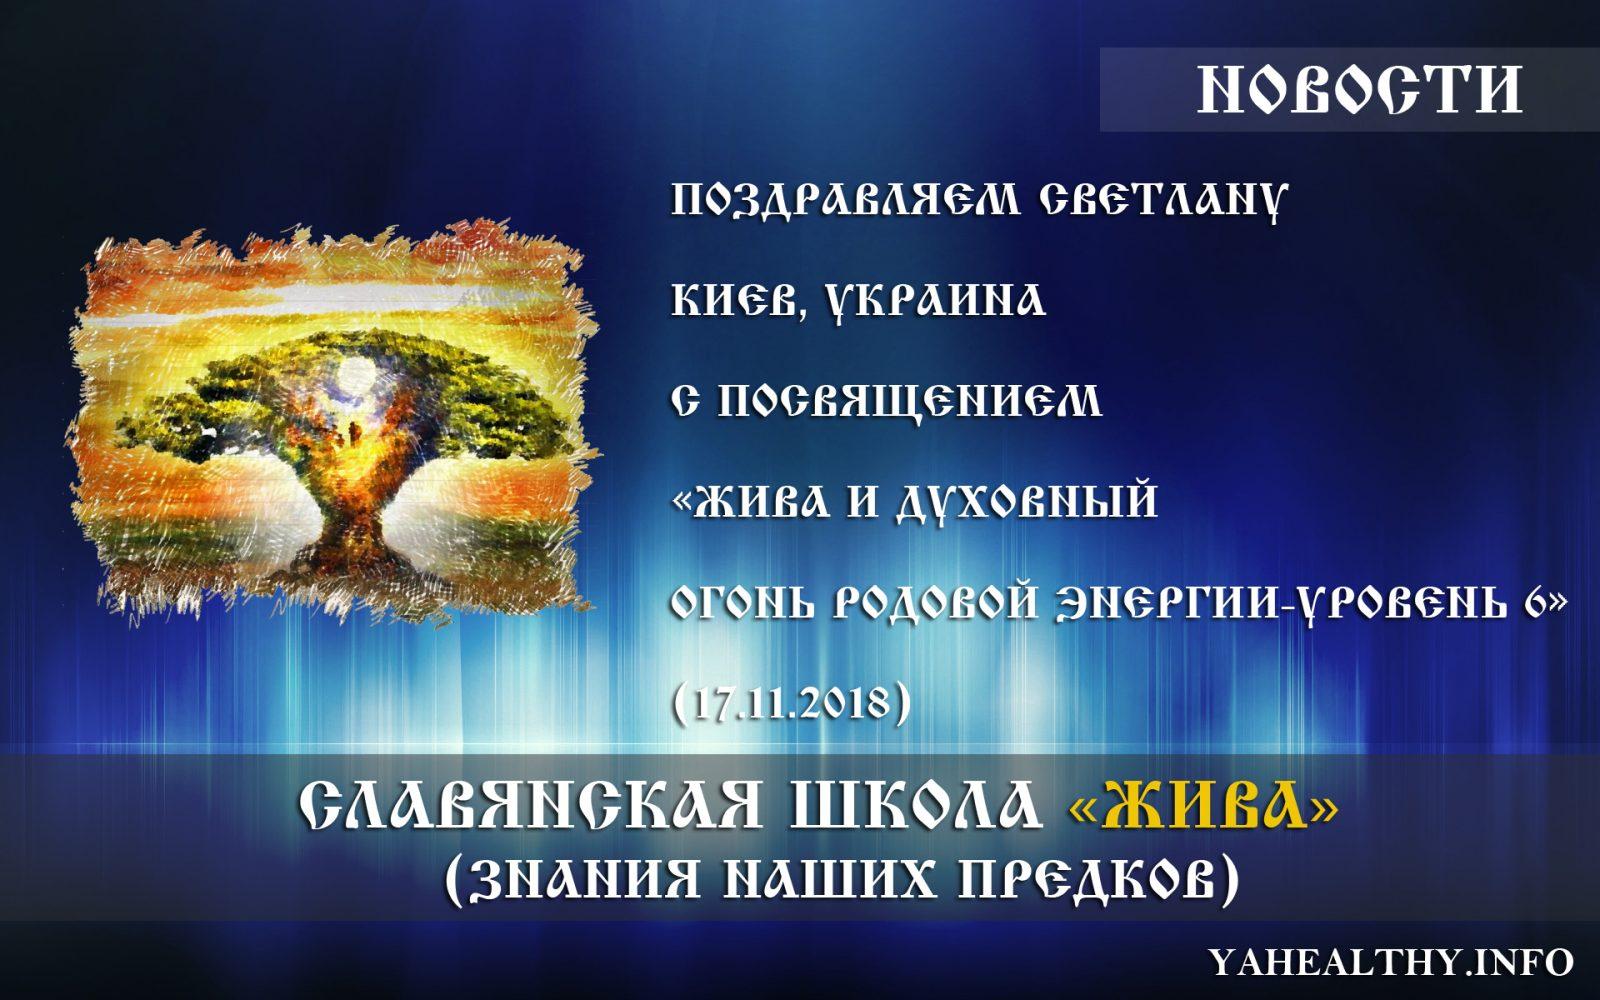 Поздравляем Светлану из города Киев, Украина с посвящением «Жива и ДУХовный Огонь РОДовой Энергии - Уровень 6» (17.11.2018)